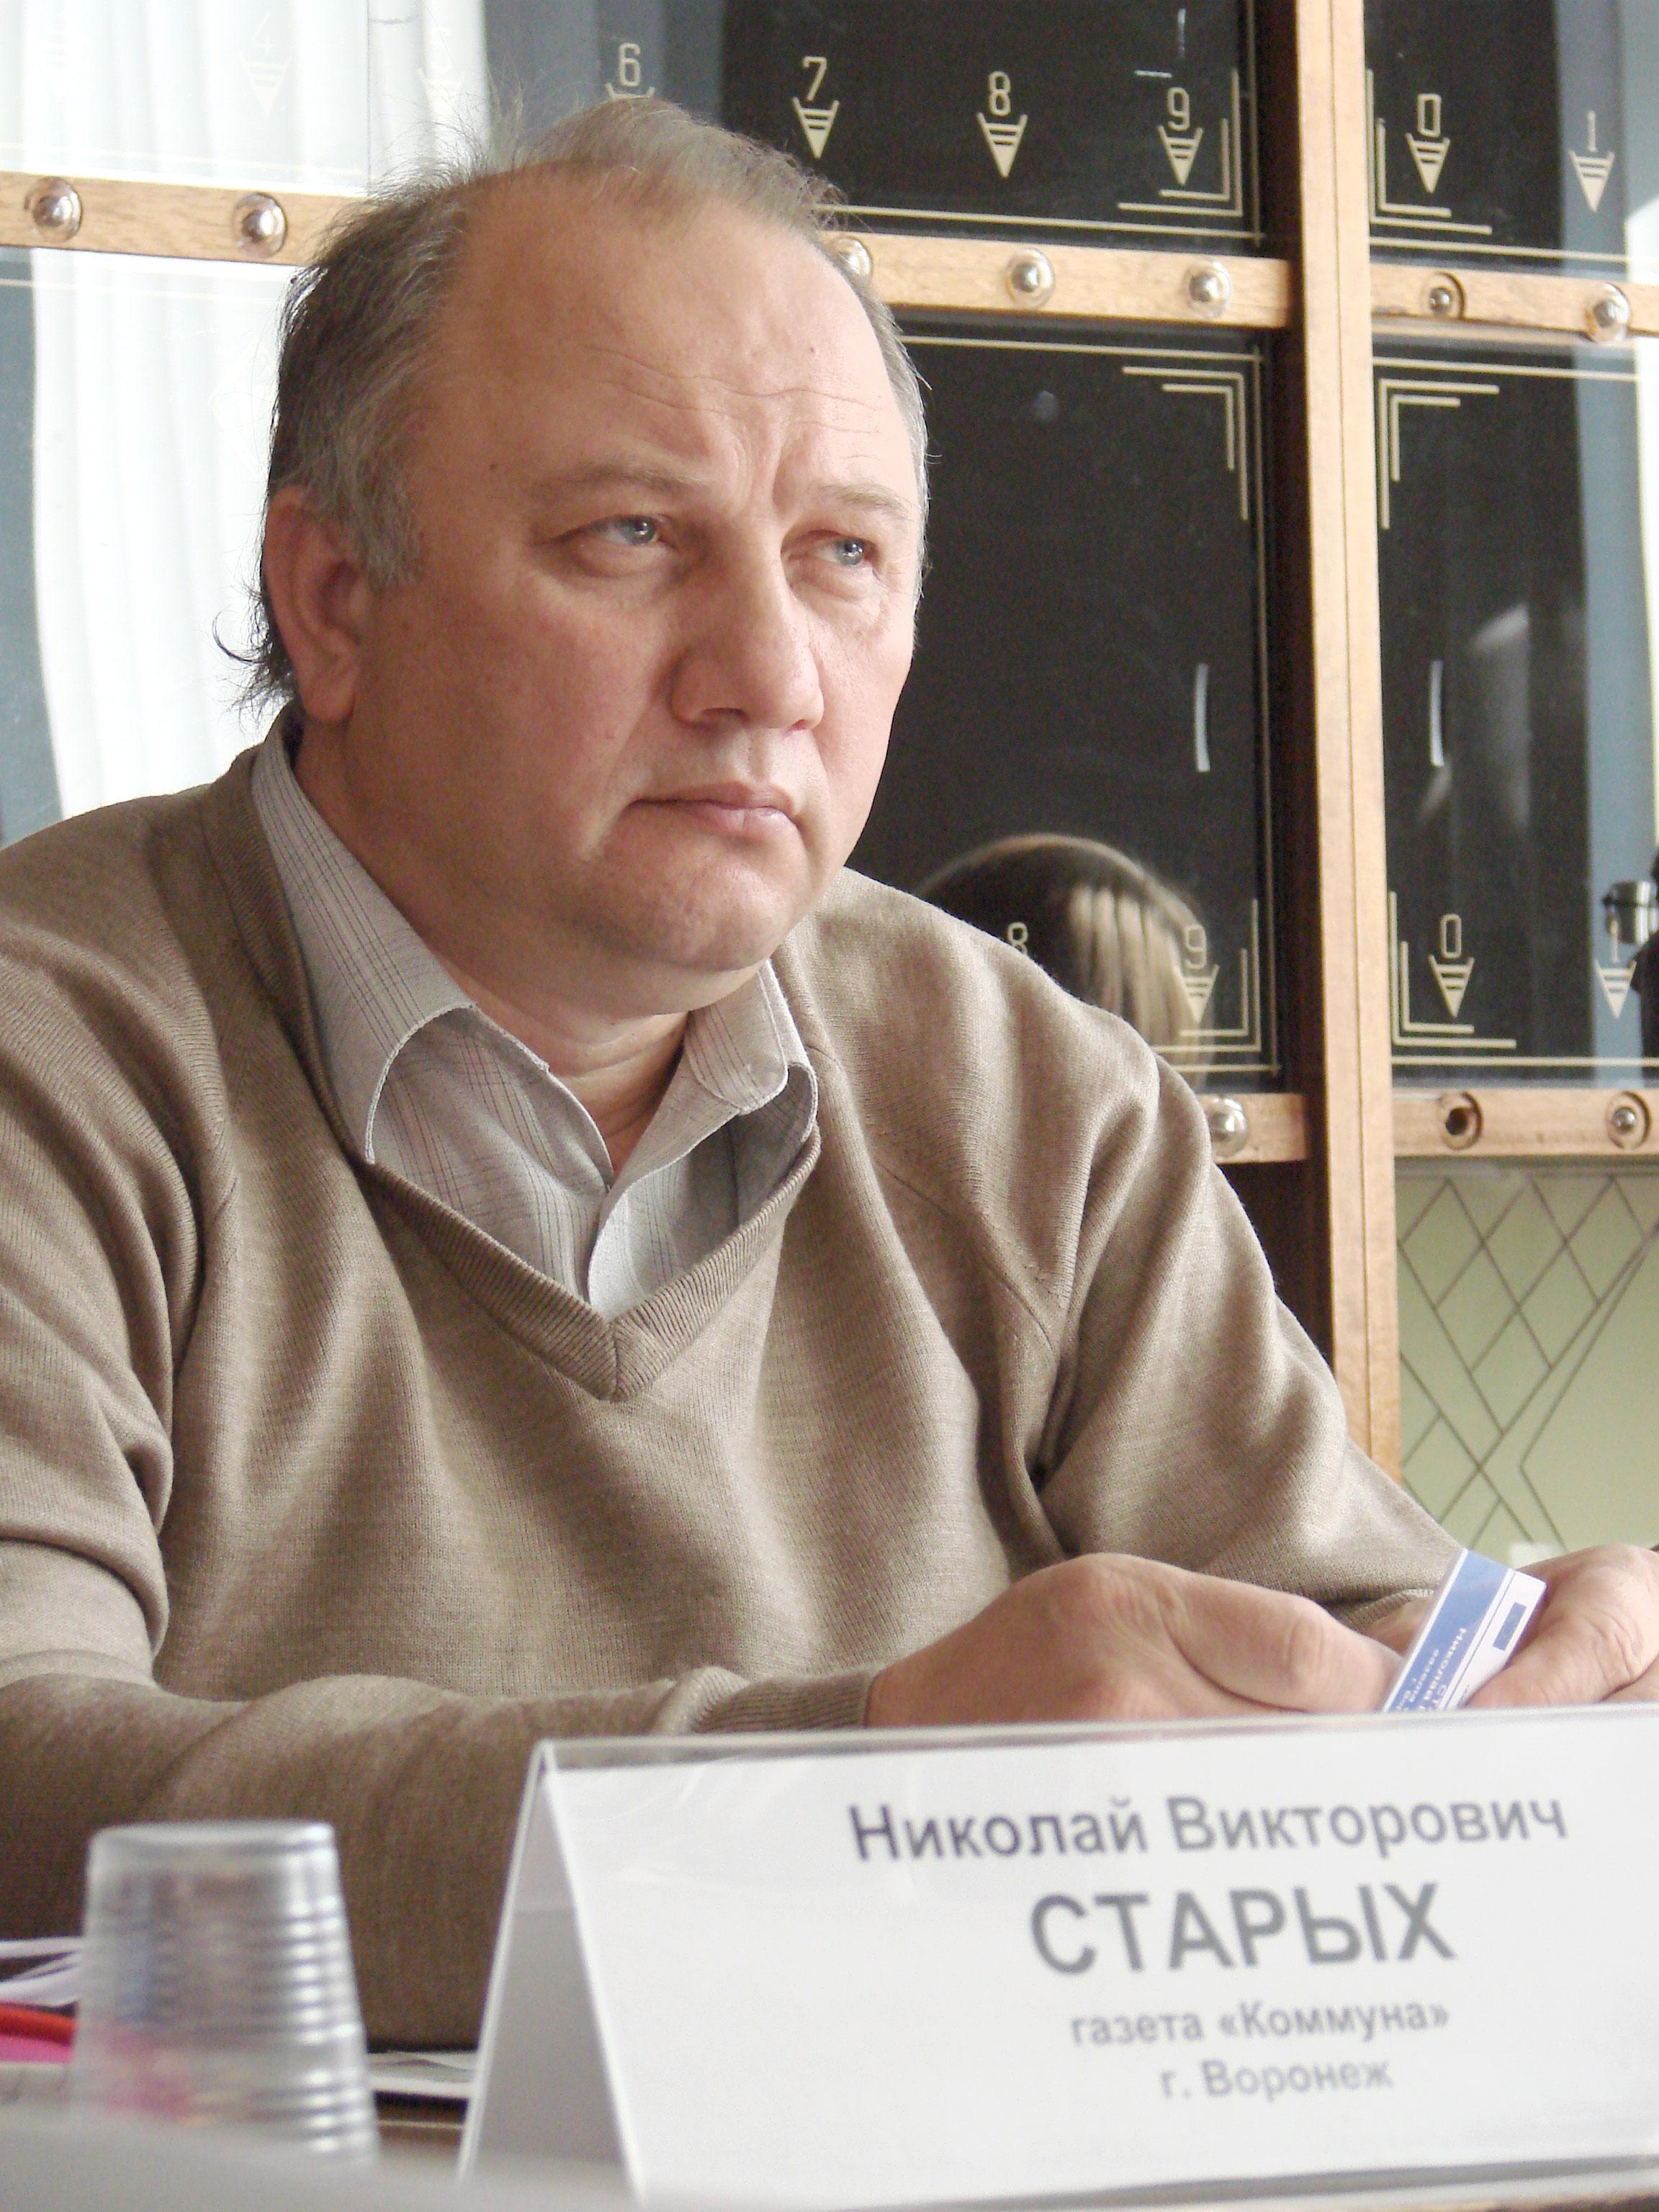 СТАРЫХ Николай Викторович